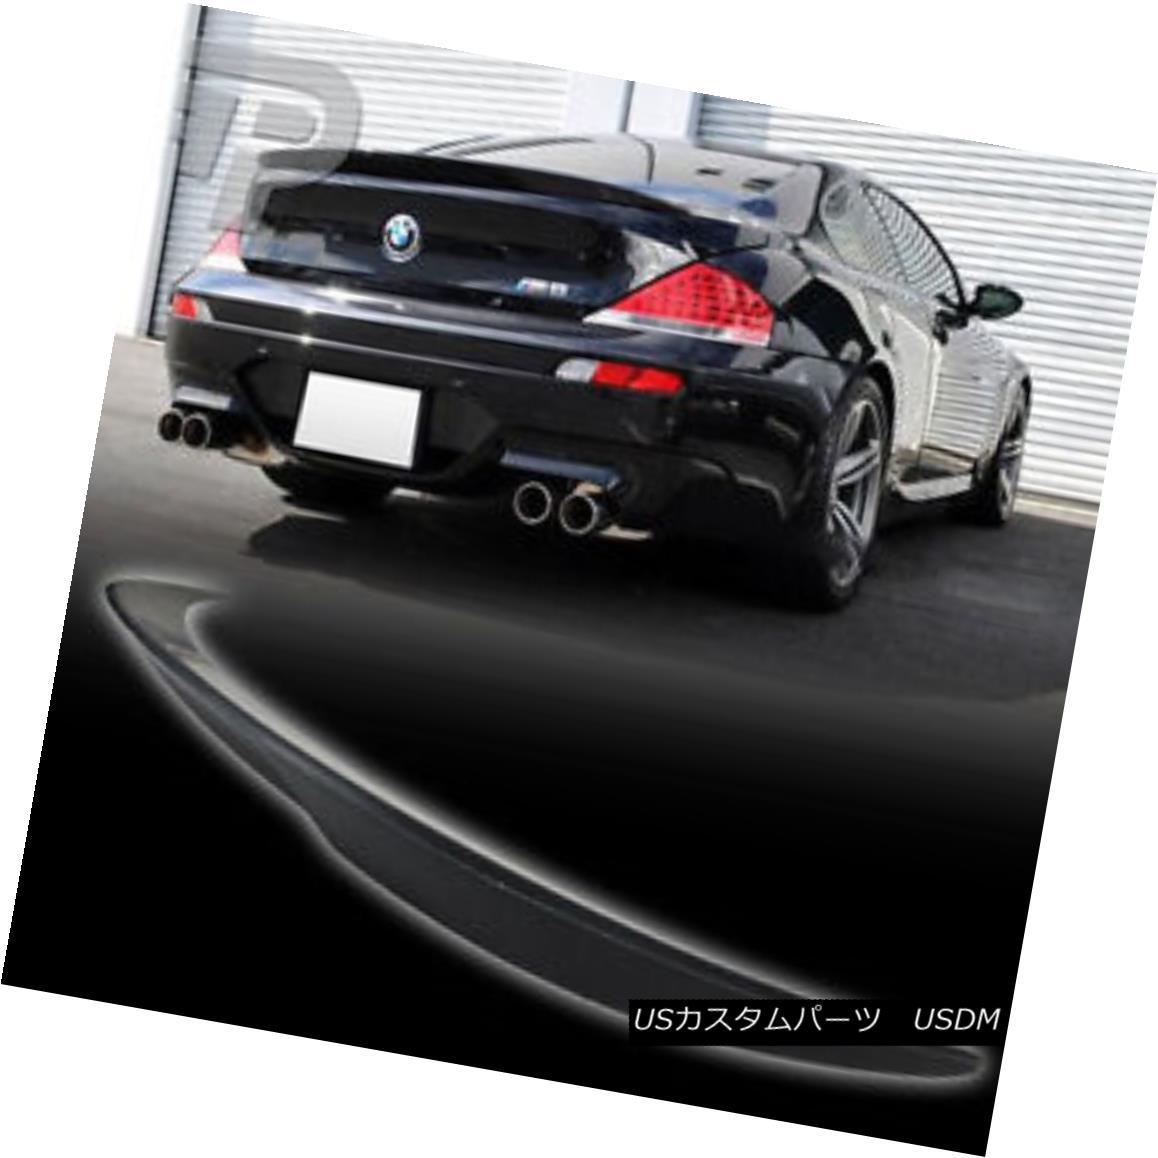 エアロパーツ PAINTED BMW 6-SERIES E63 2DR COUPE V TYPE TRUNK SPOILER BOOT M6 04-08▼ 塗装済みBMW 6シリーズE63 2DR COUPE VタイプトランクスポイラーブーツM6 04-08?